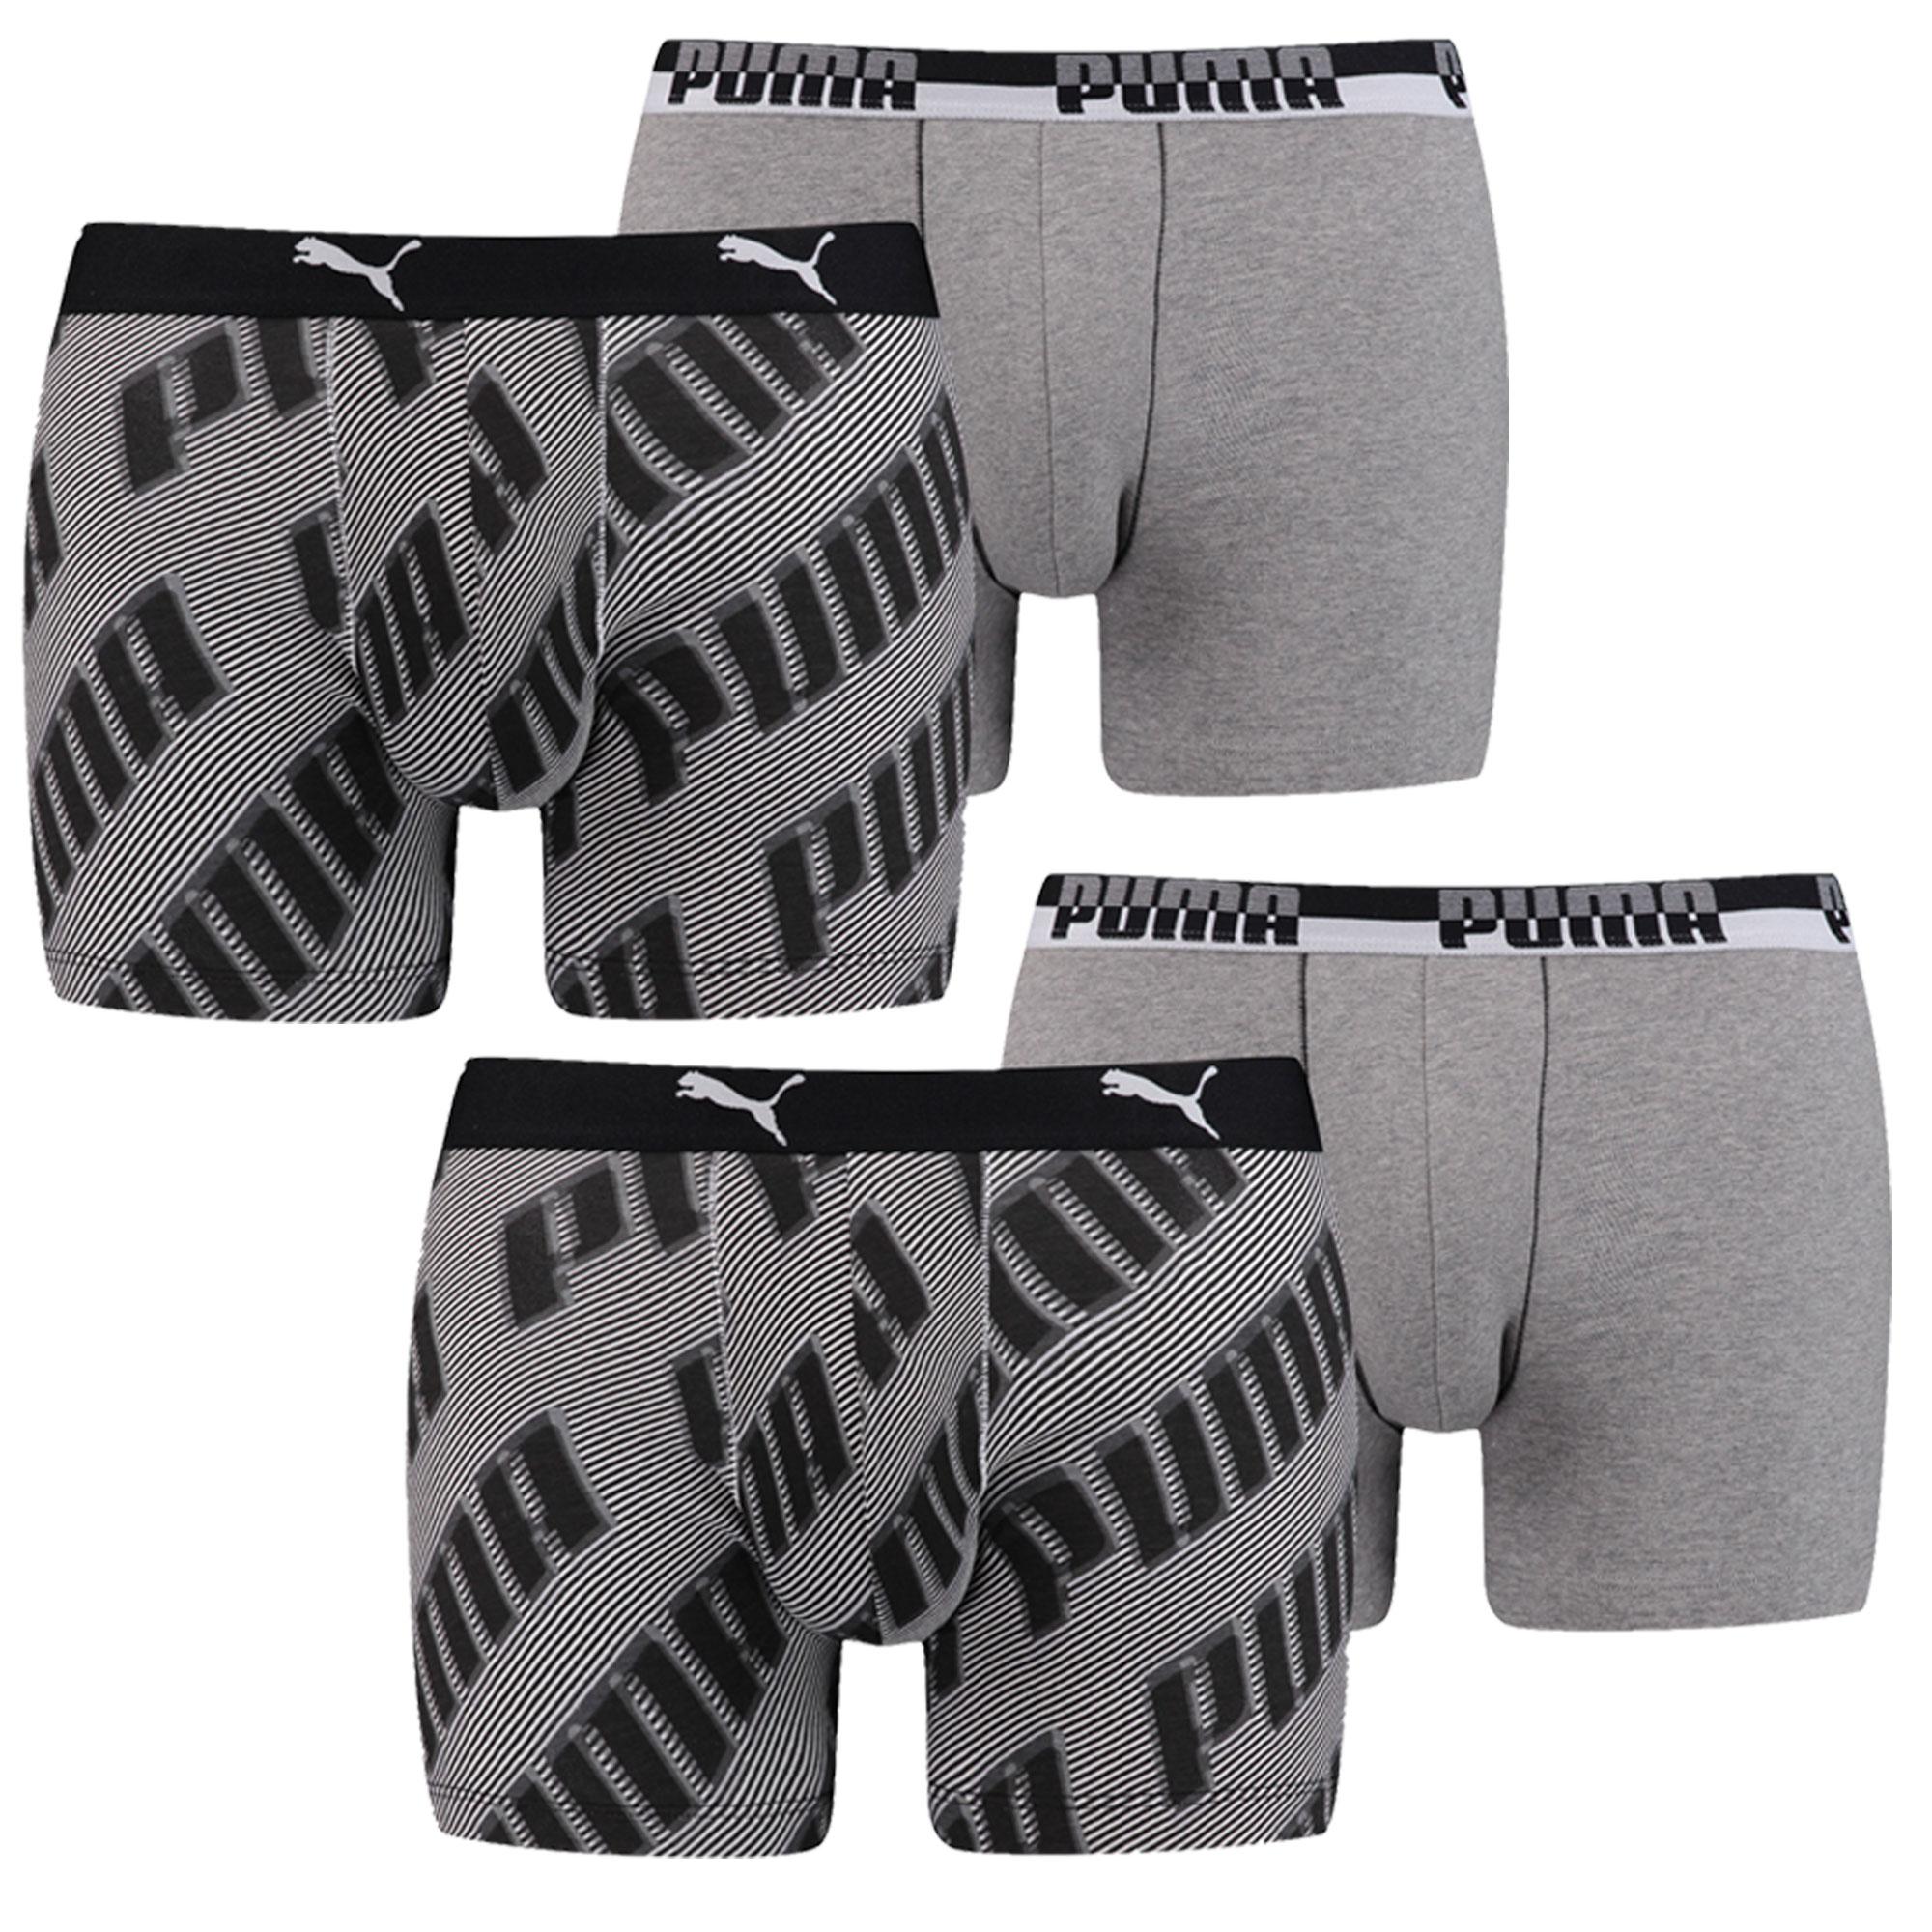 Puma Herren Boxershorts, 4 Stück Boxershorts, Schriftzug – Bild 2